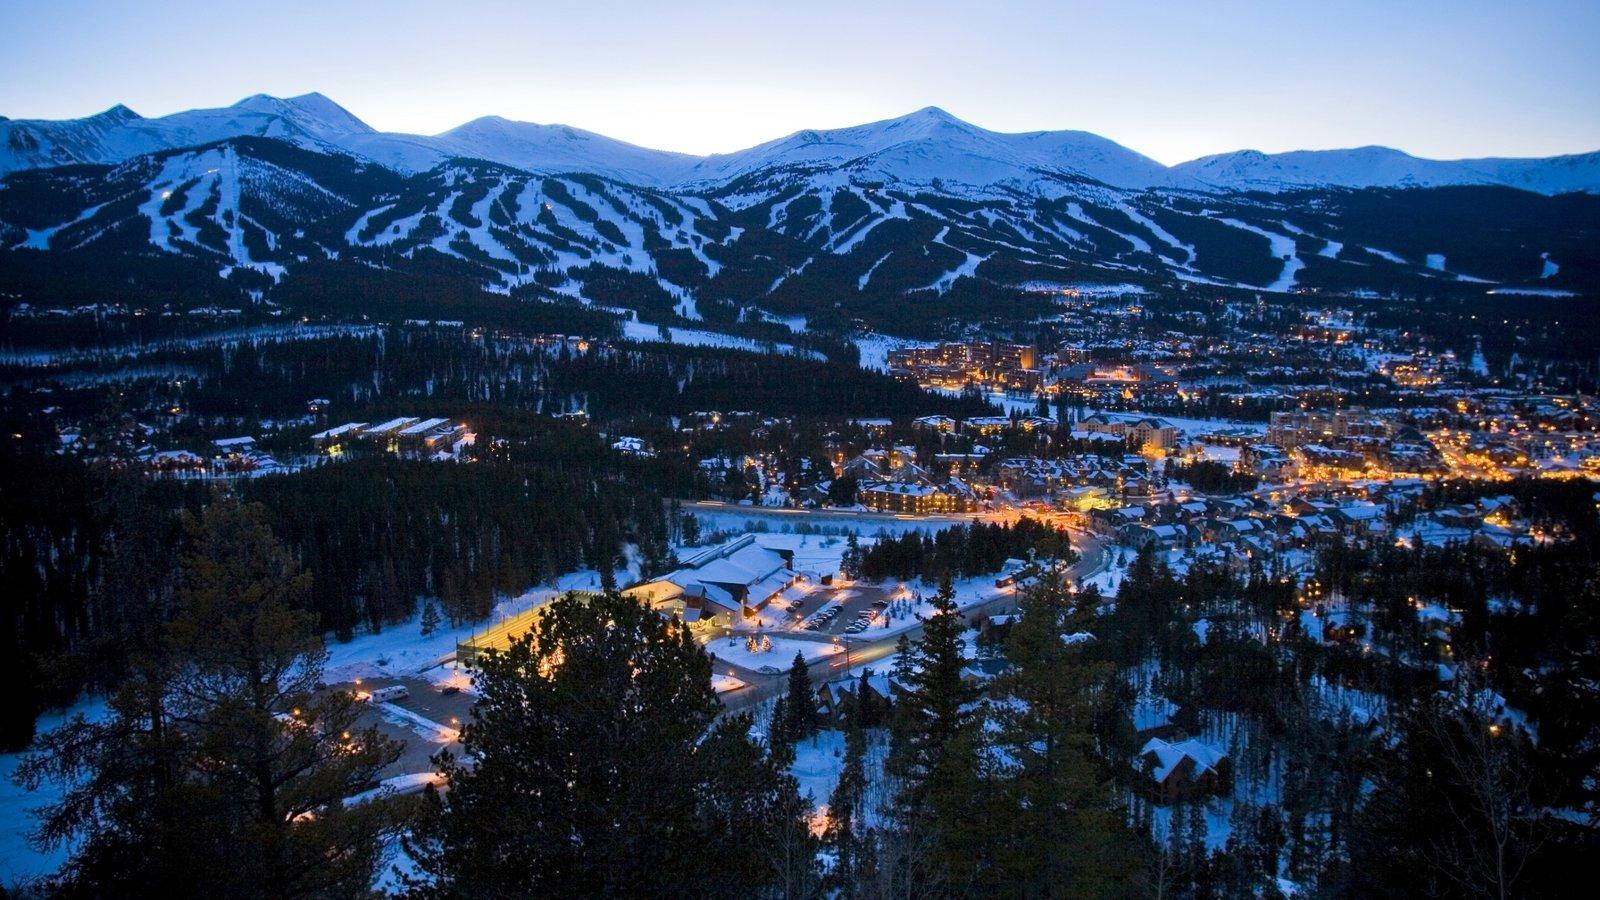 Breckenridge que inclui neve, montanhas e uma cidade pequena ou vila